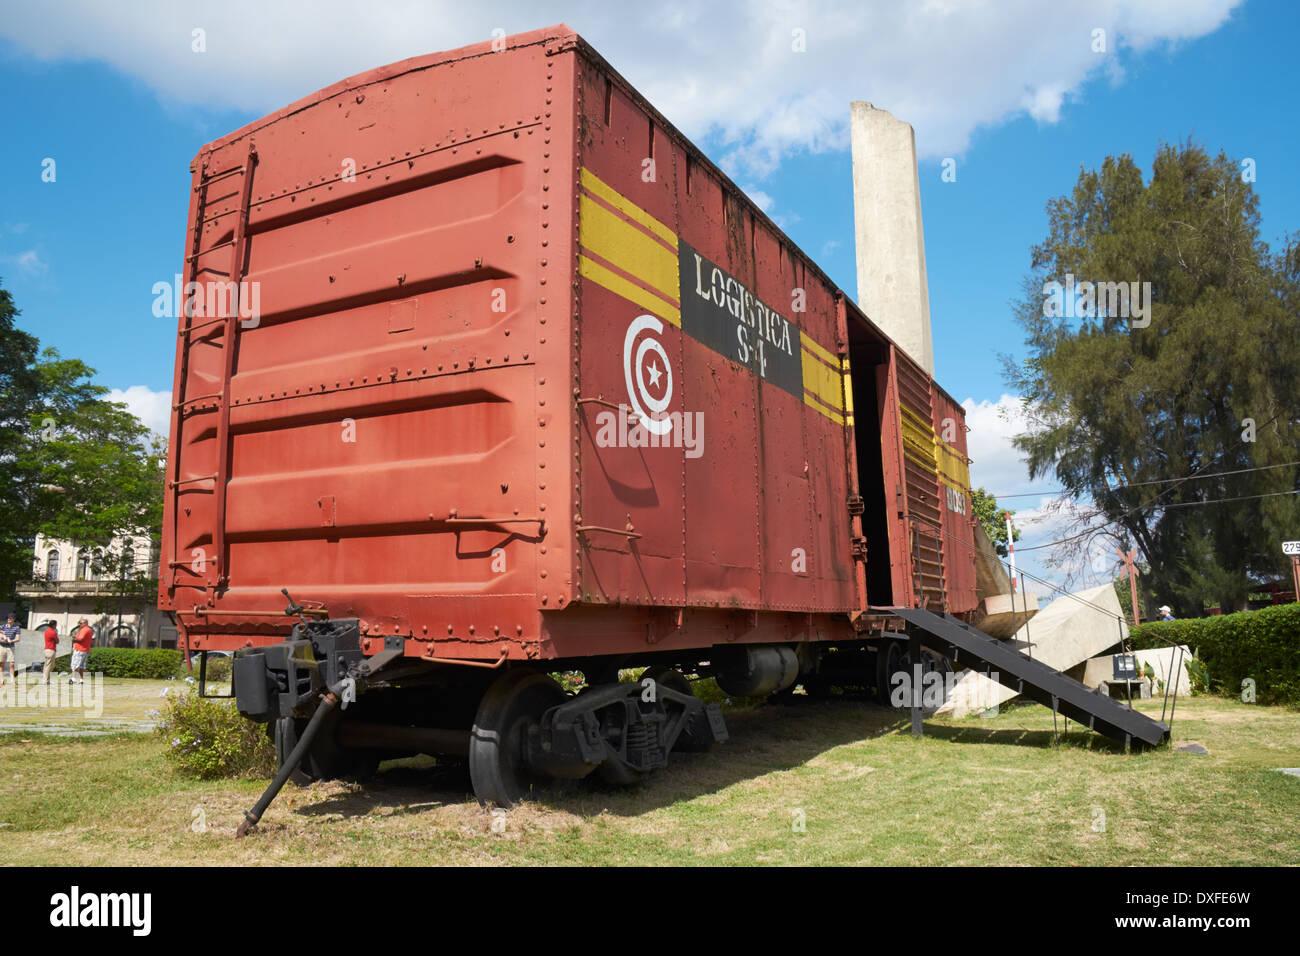 fr tren simple tren lackieren anleitung alte tren weiss streichen diy fr tren tolle alte tren. Black Bedroom Furniture Sets. Home Design Ideas